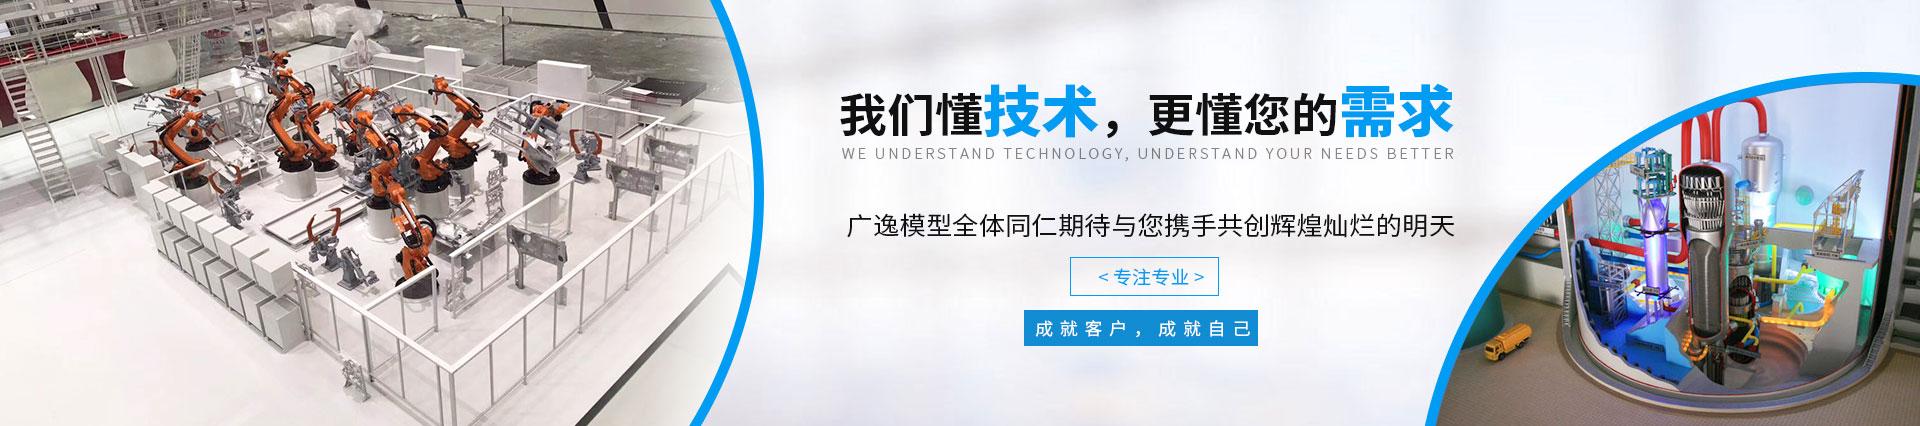 上海广逸模型有限公司